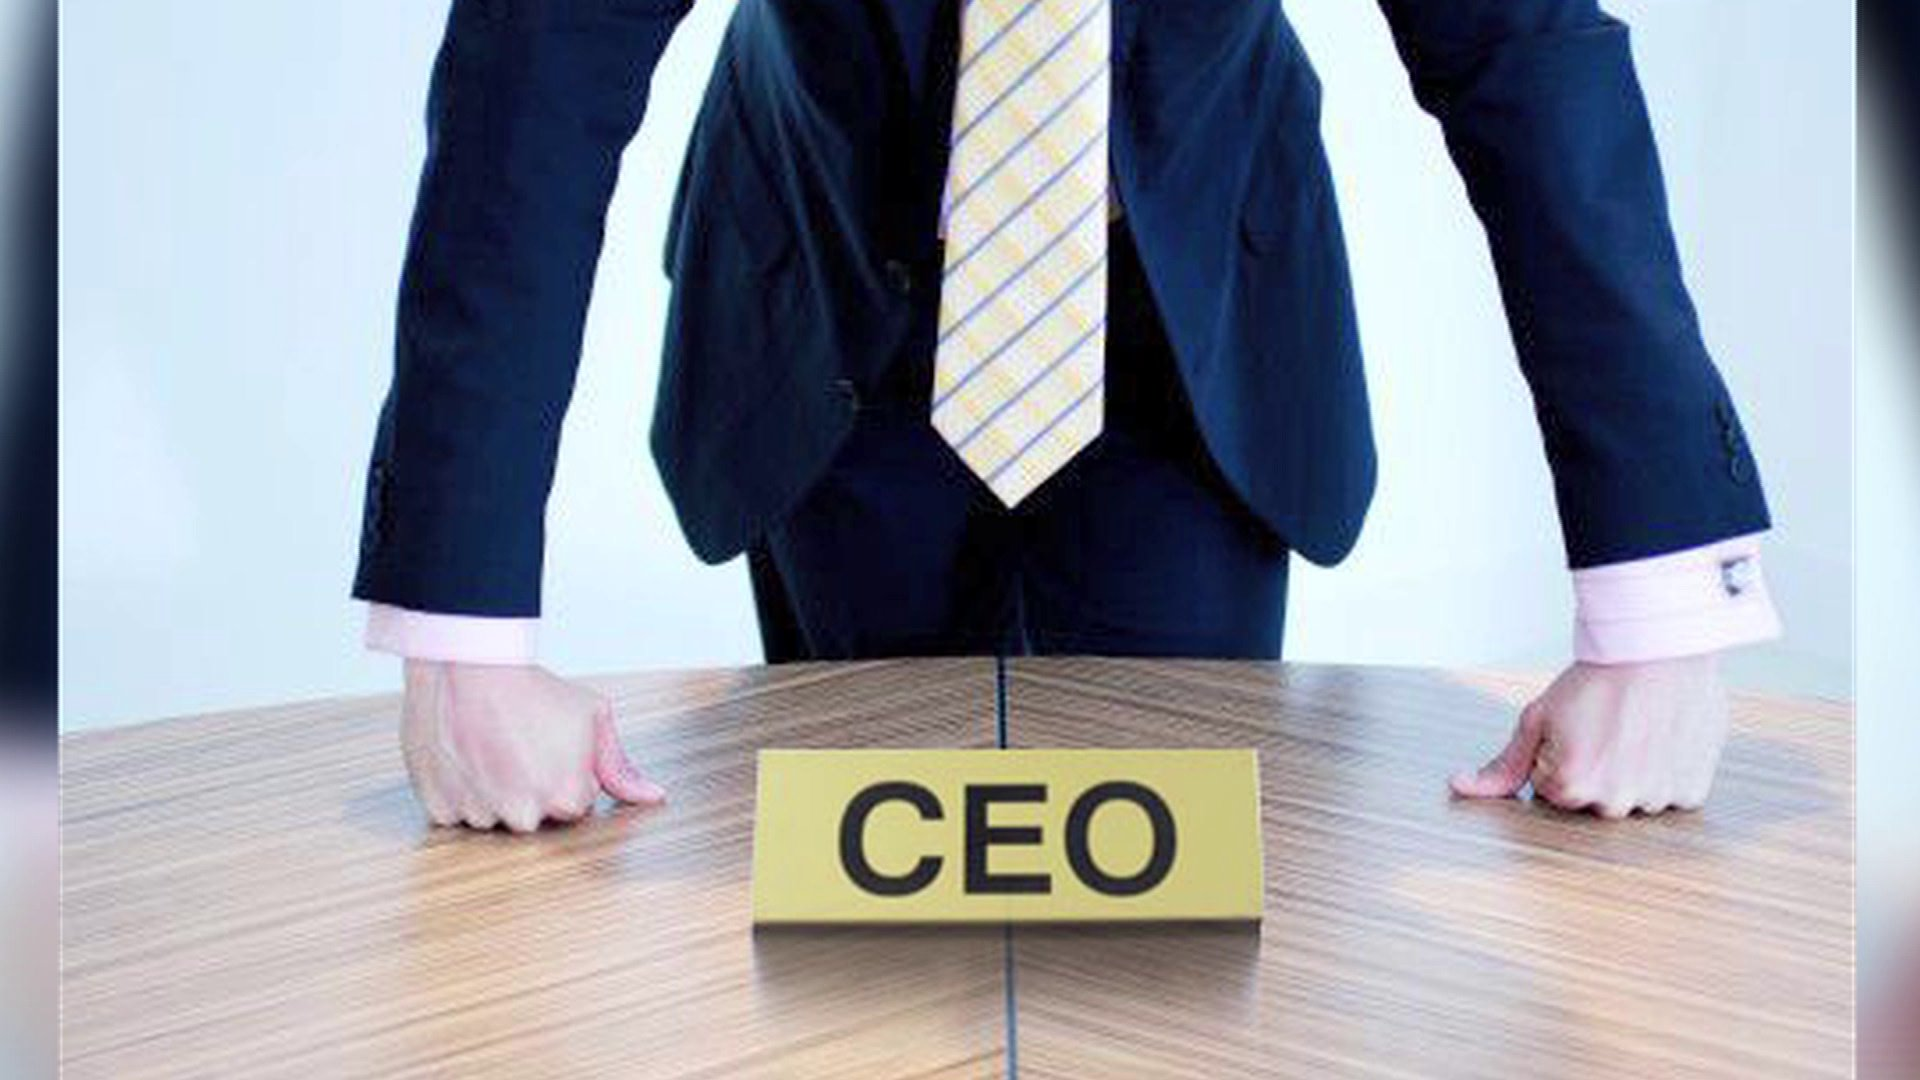 Apa Itu CEO dan Apa Peran dan Fungsinya Dalam Sebuah Perusahaan